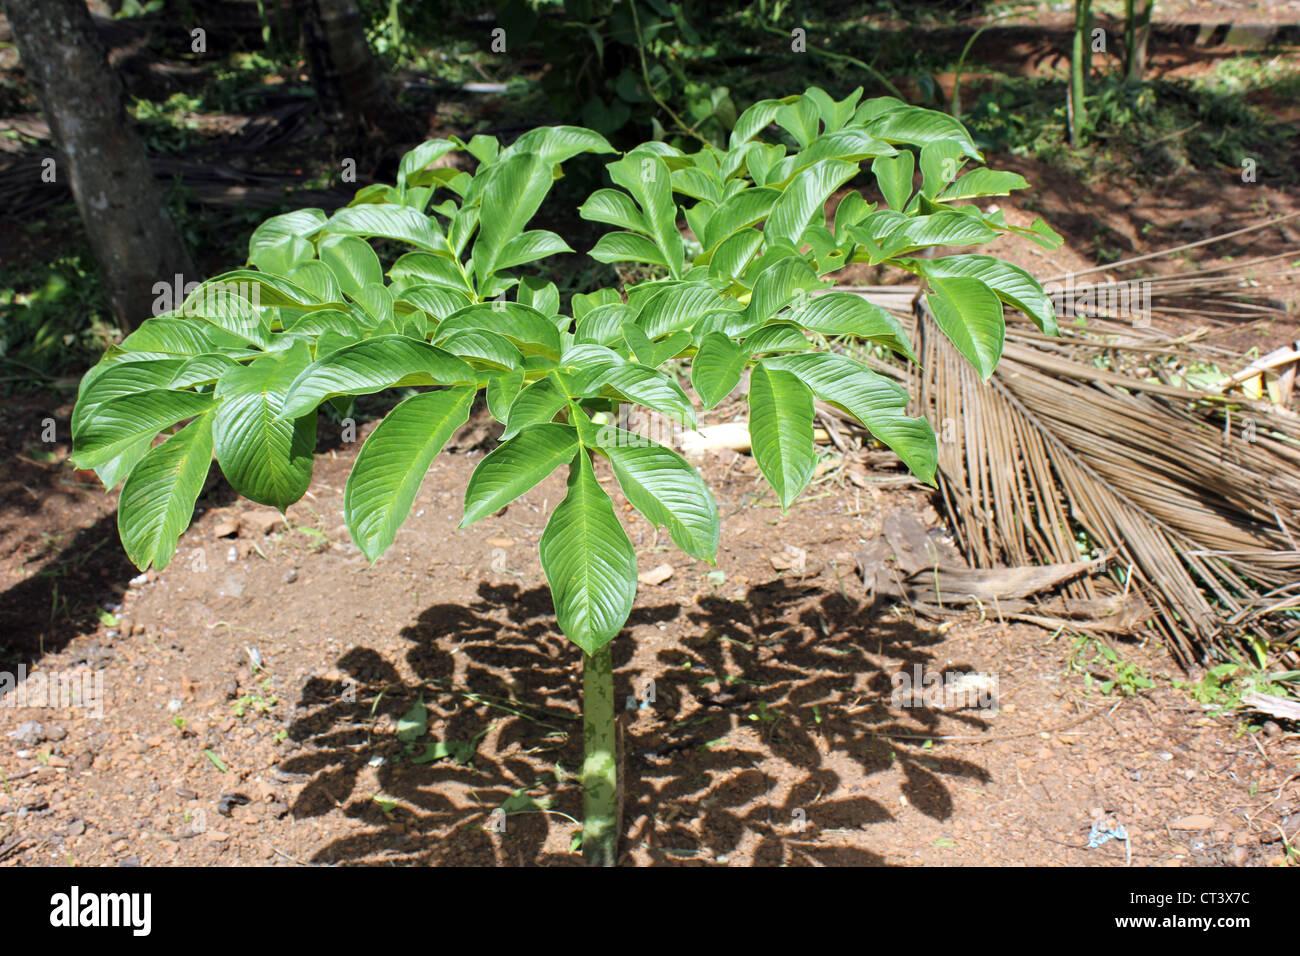 Plant of Elephant foot Yam or Amorphophallus paeoniifolius Stock Photo - Alamy